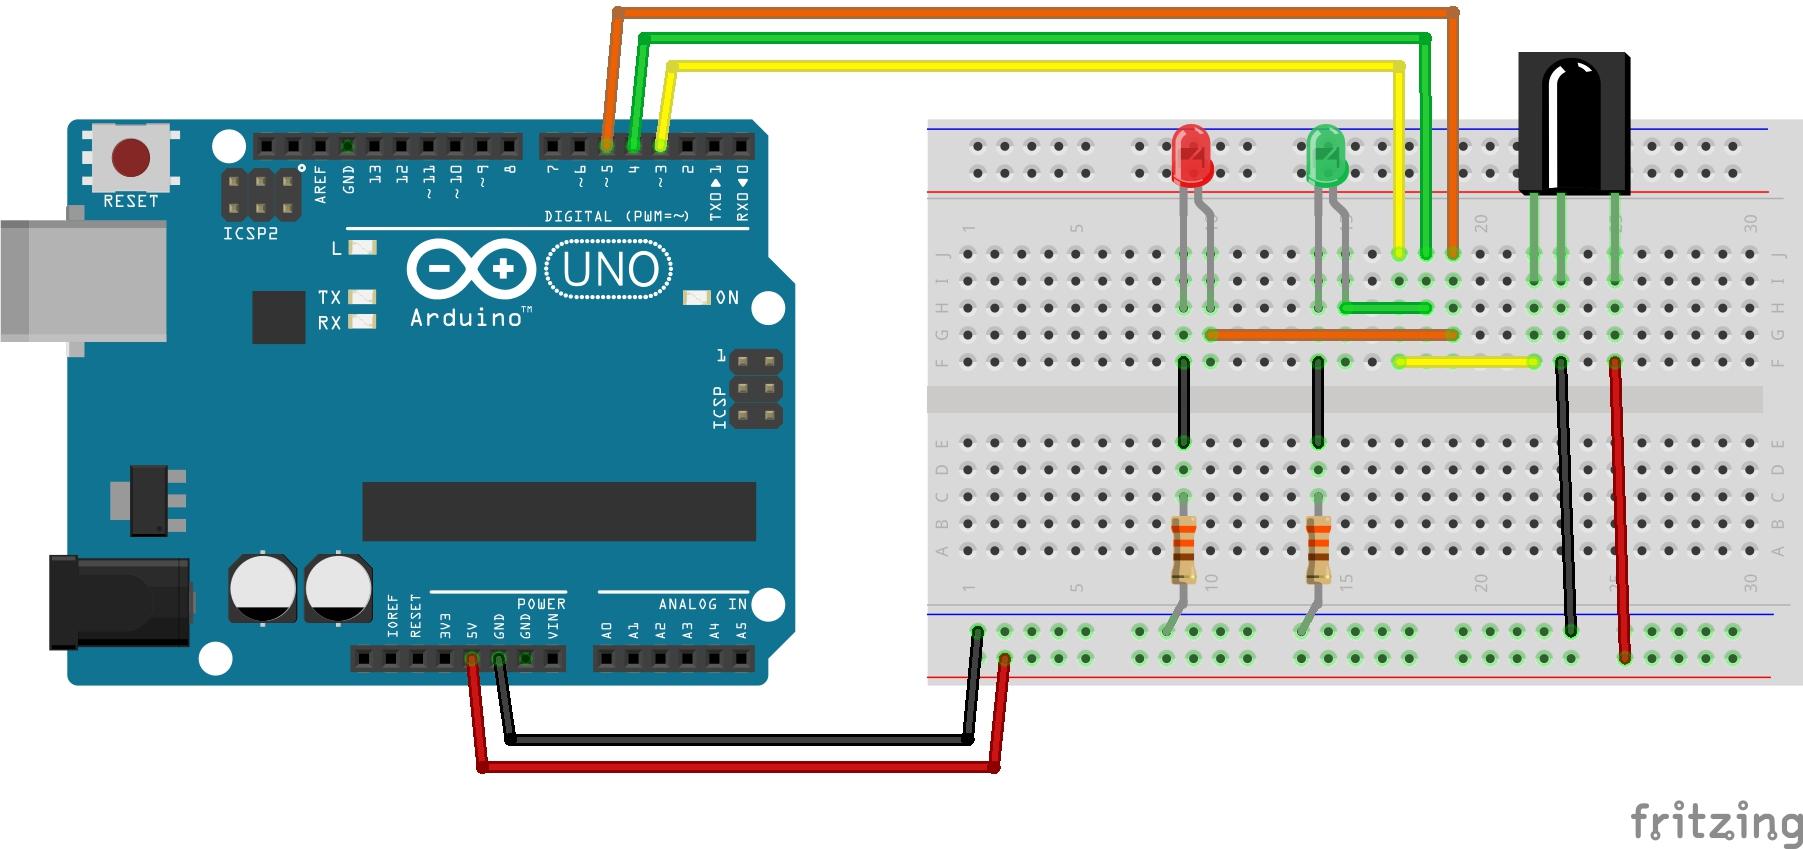 удаленное управление телевизором arduino